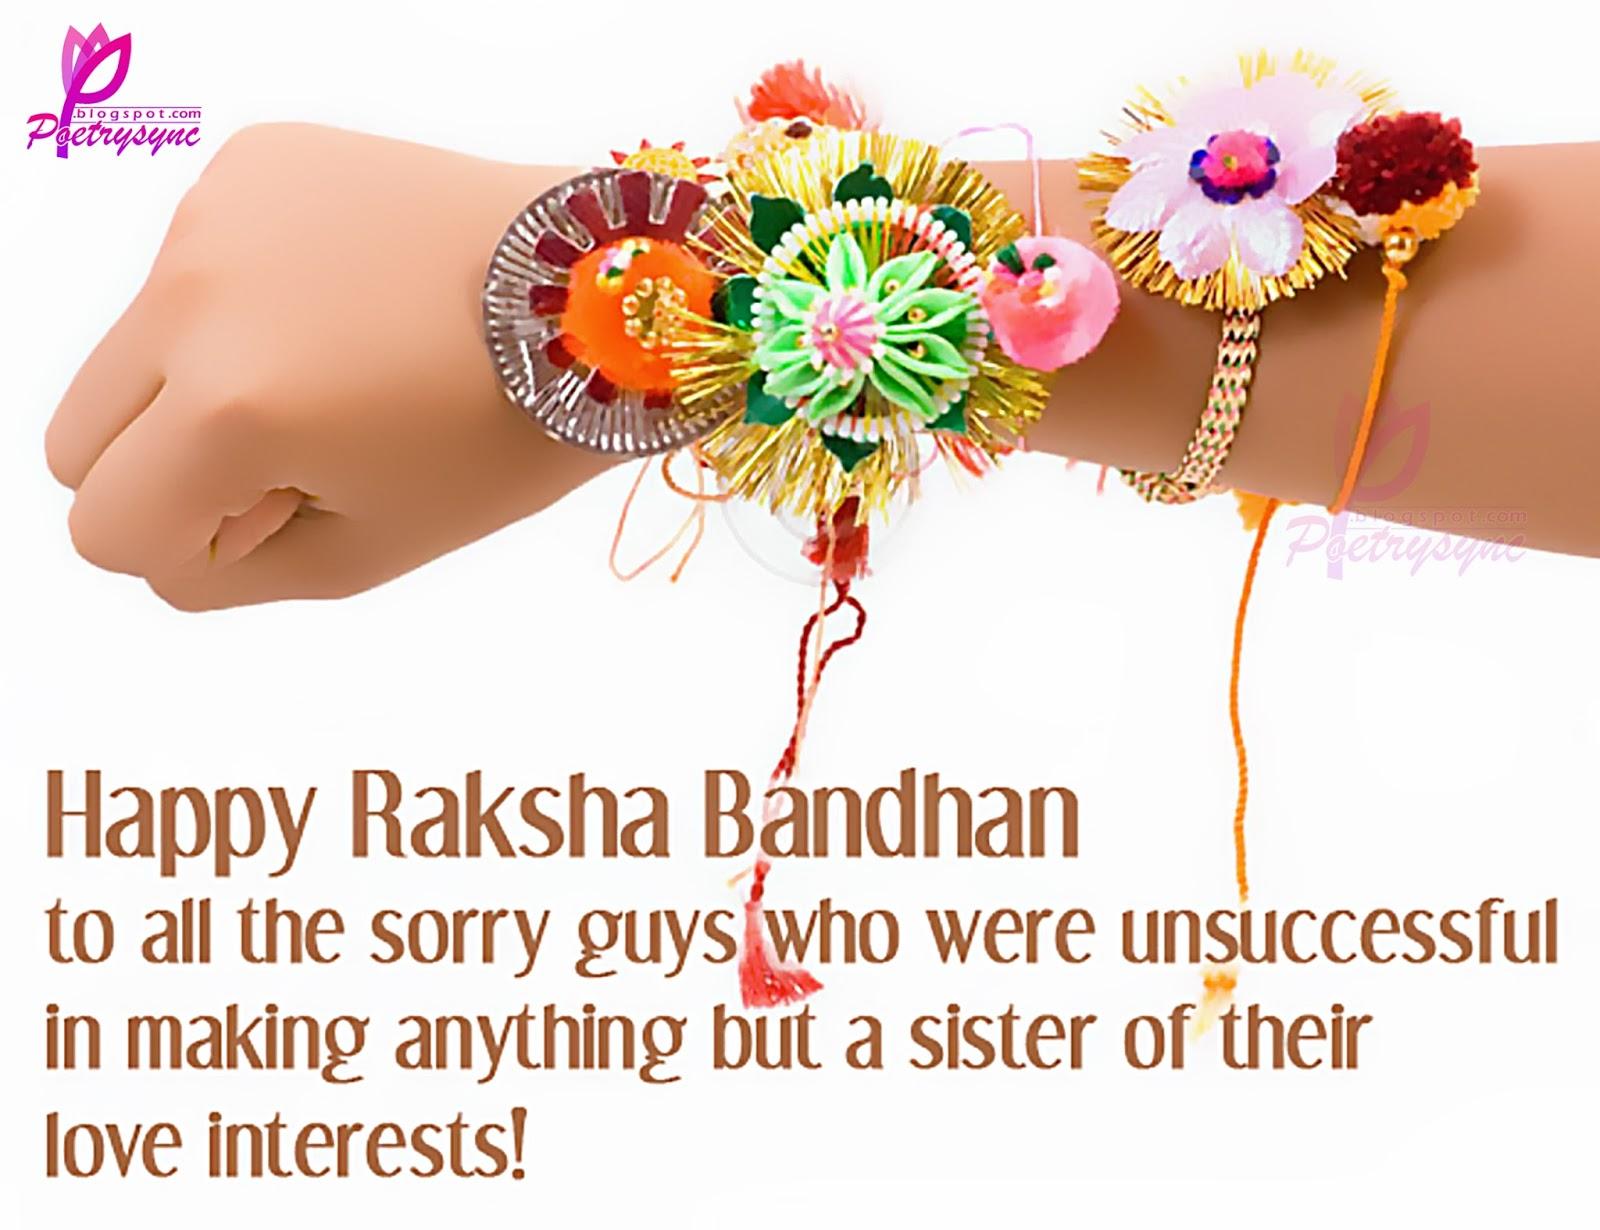 Happy raksha bandhan images greetings cliparts cards threads and happy rakshabandhan images threads kristyandbryce Choice Image